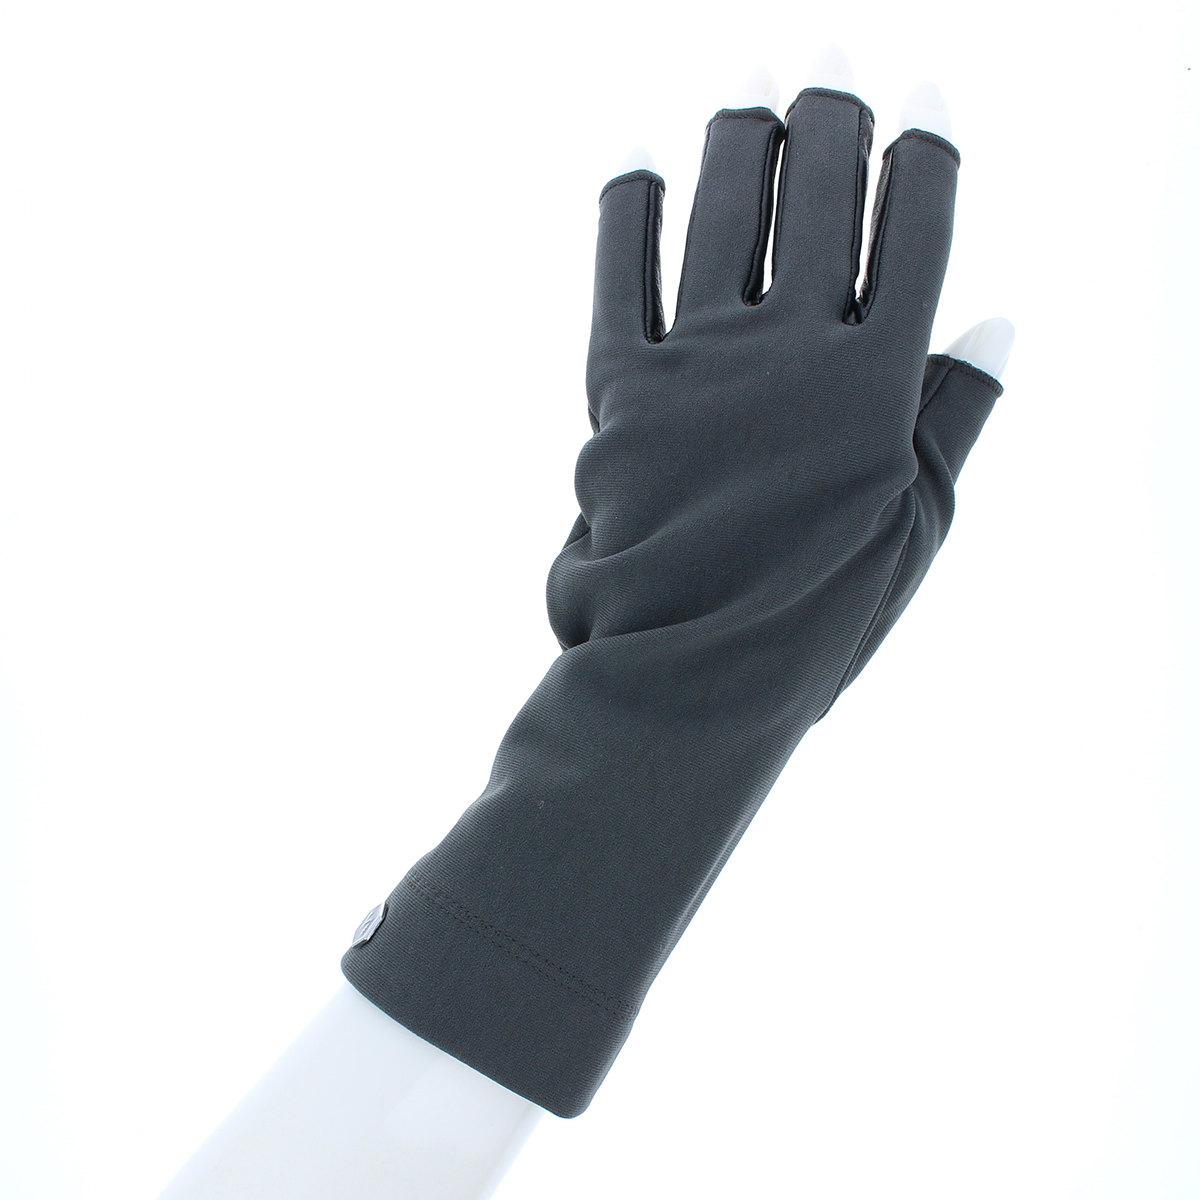 ジャージ 手袋 指切りスタイル 革コンビ ストレッチ素材 BIYUTE